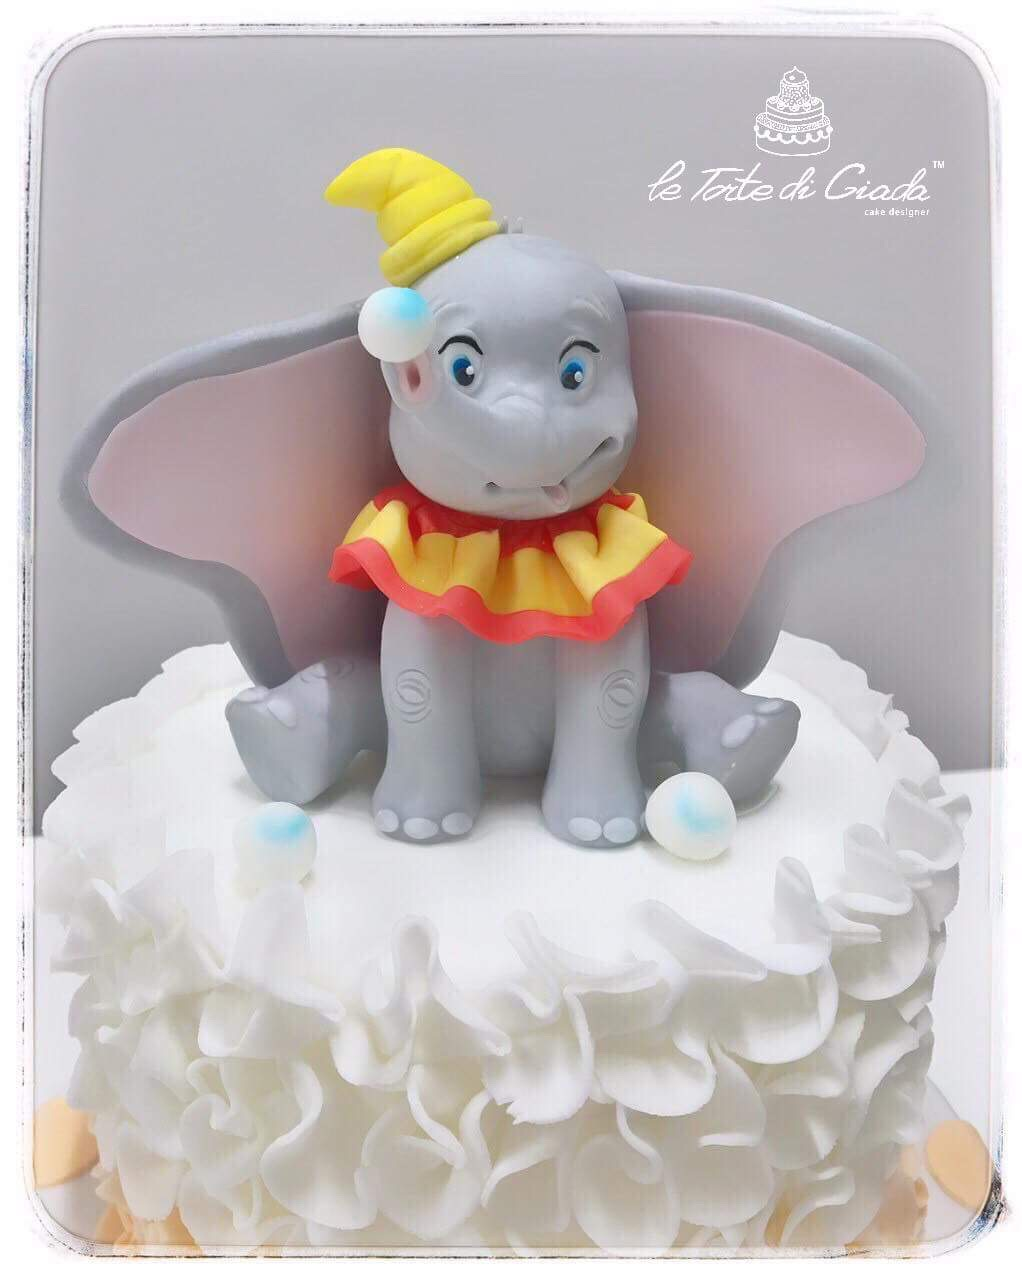 cake_design_brescia